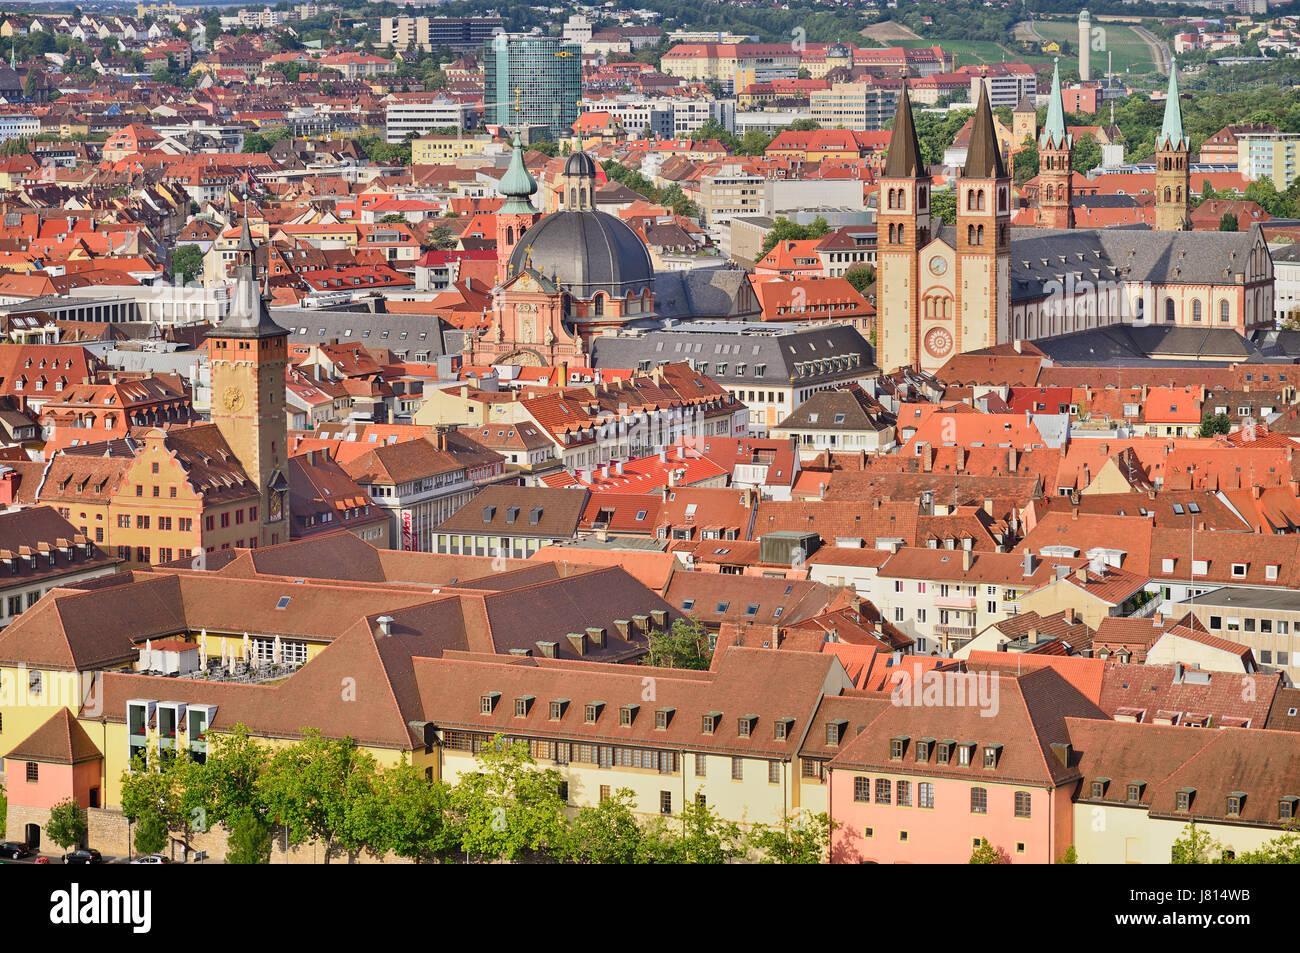 Deutschland, Bayern, Würzburg, Blick von der Festung Marienberg Festung zeigt die Alstadt oder die Altstadt Stockbild